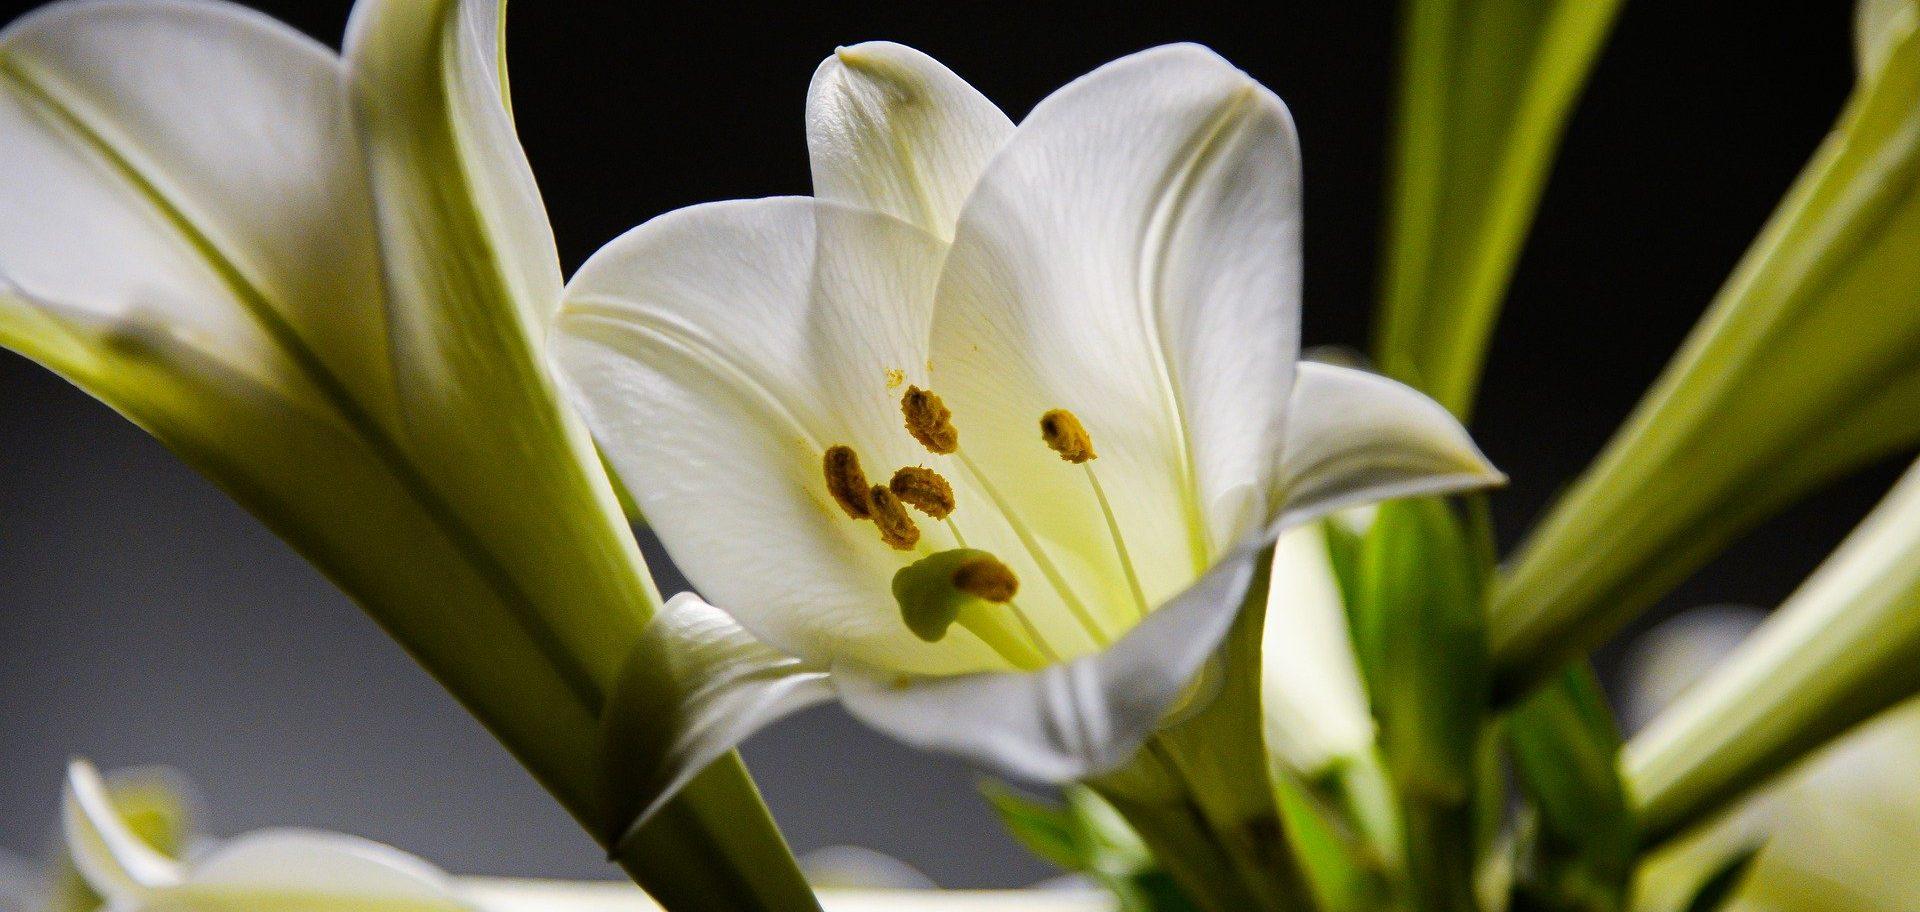 Королевские цветы: выставку лилий открыли в Биомузее. Фото: pixabay.com